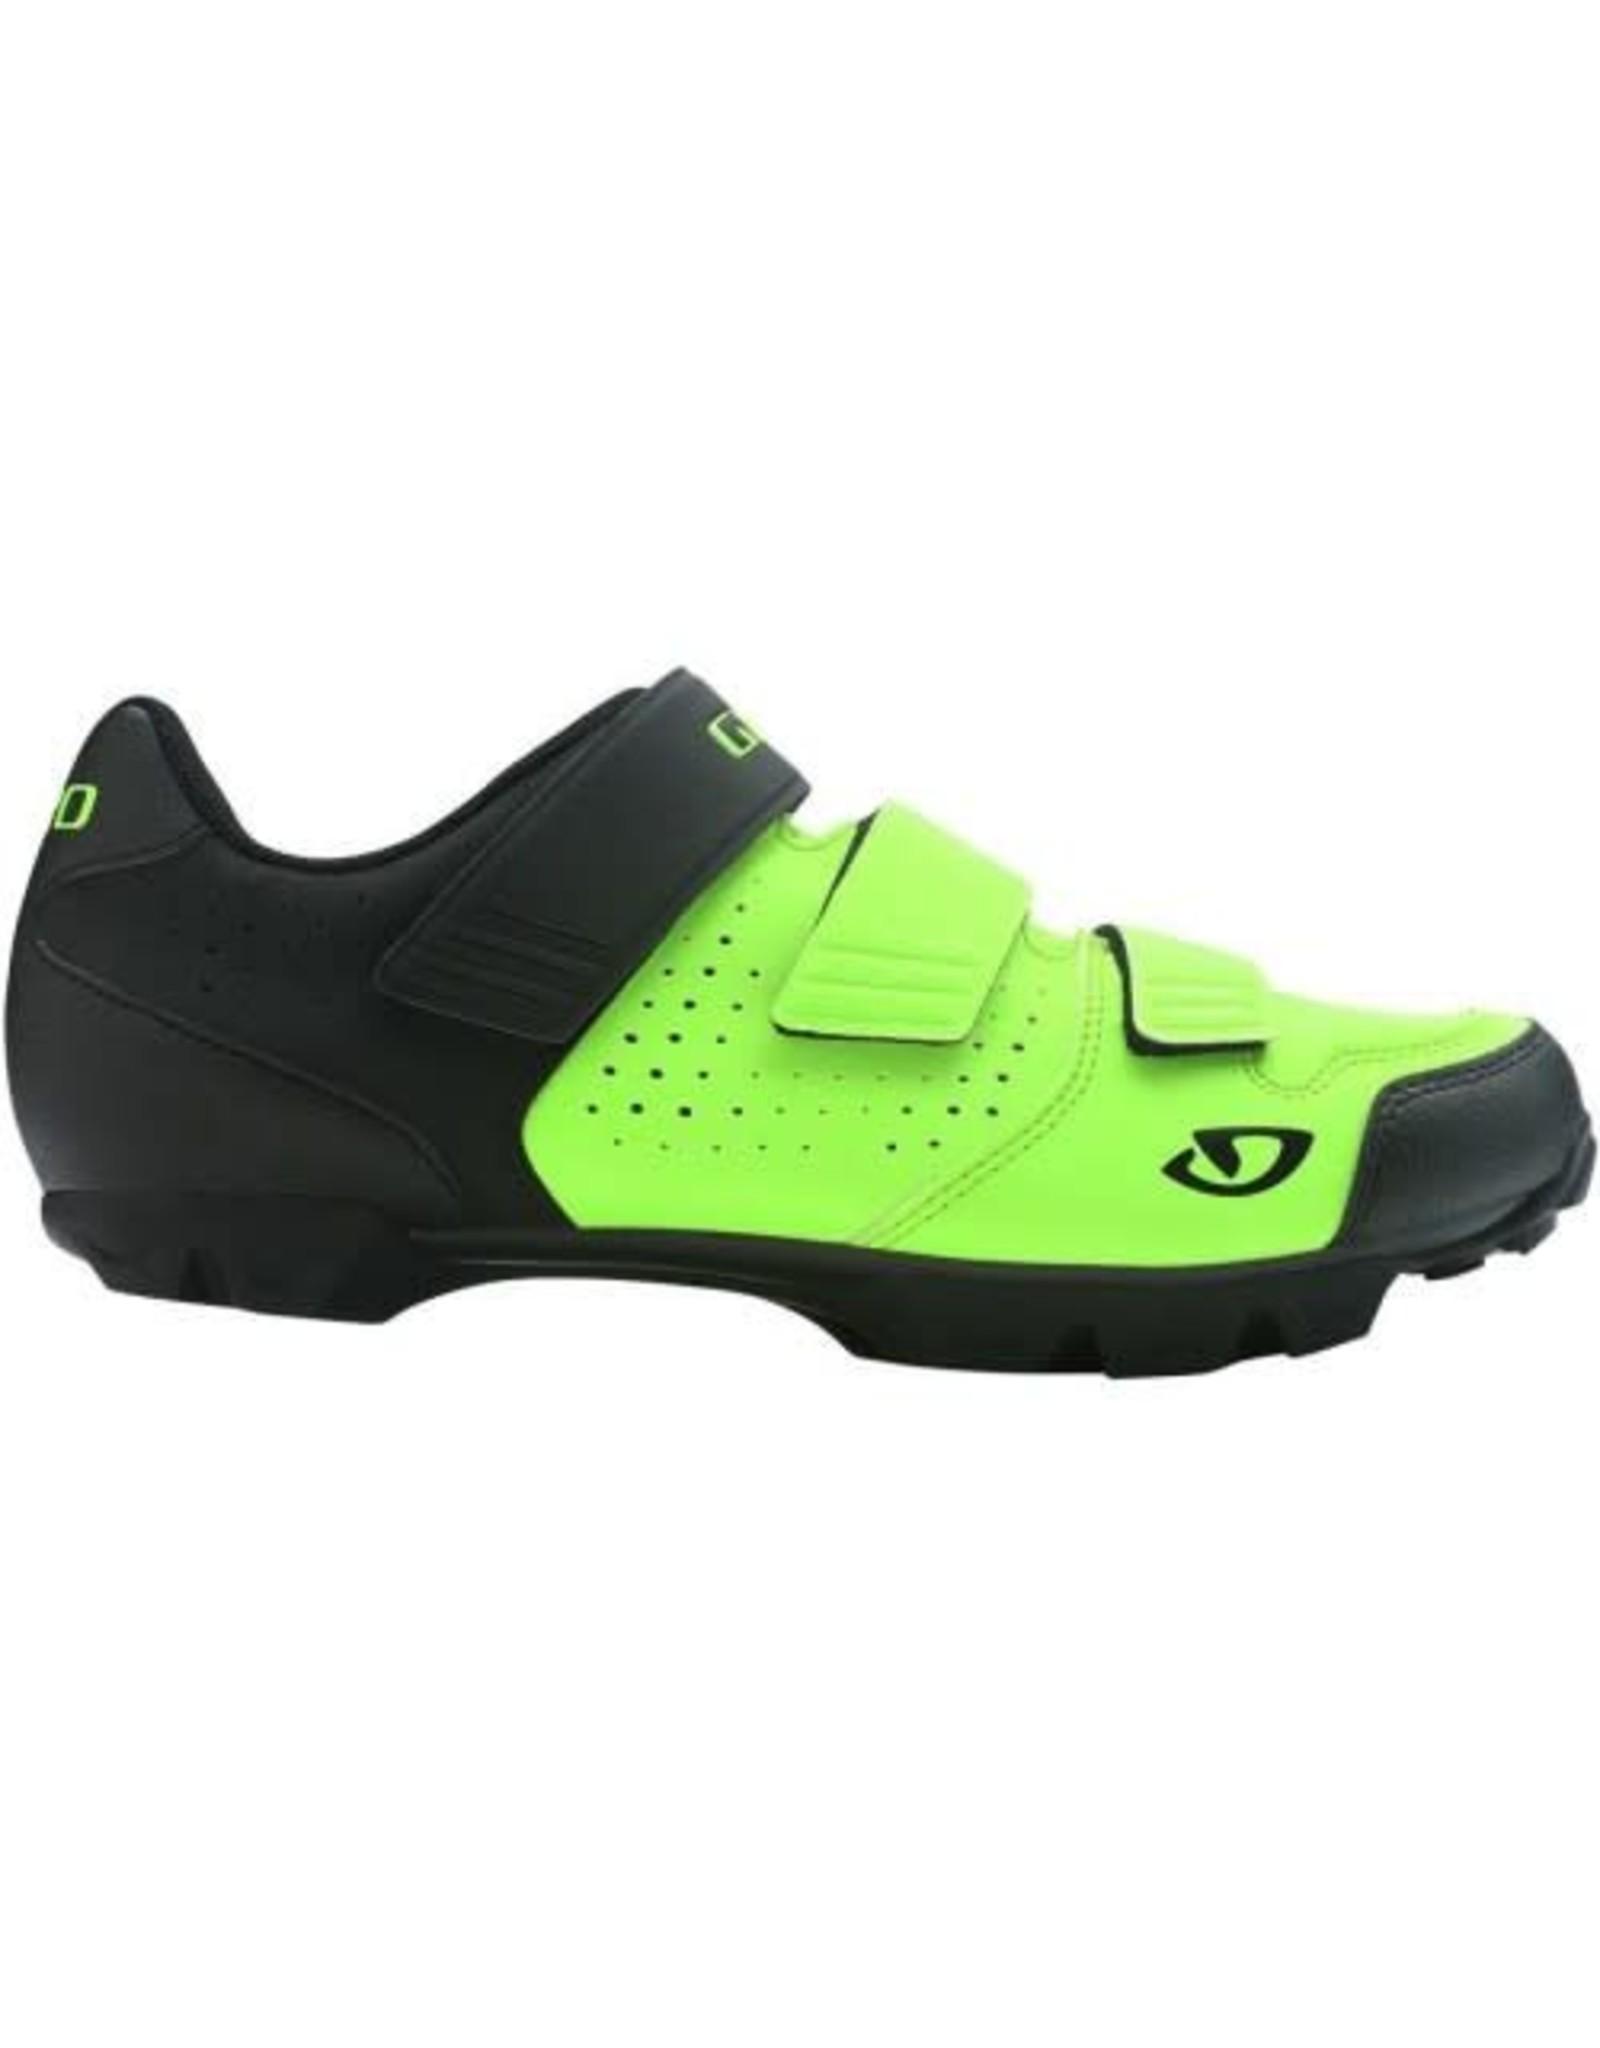 Giro Giro M Carbide R Shoes S18